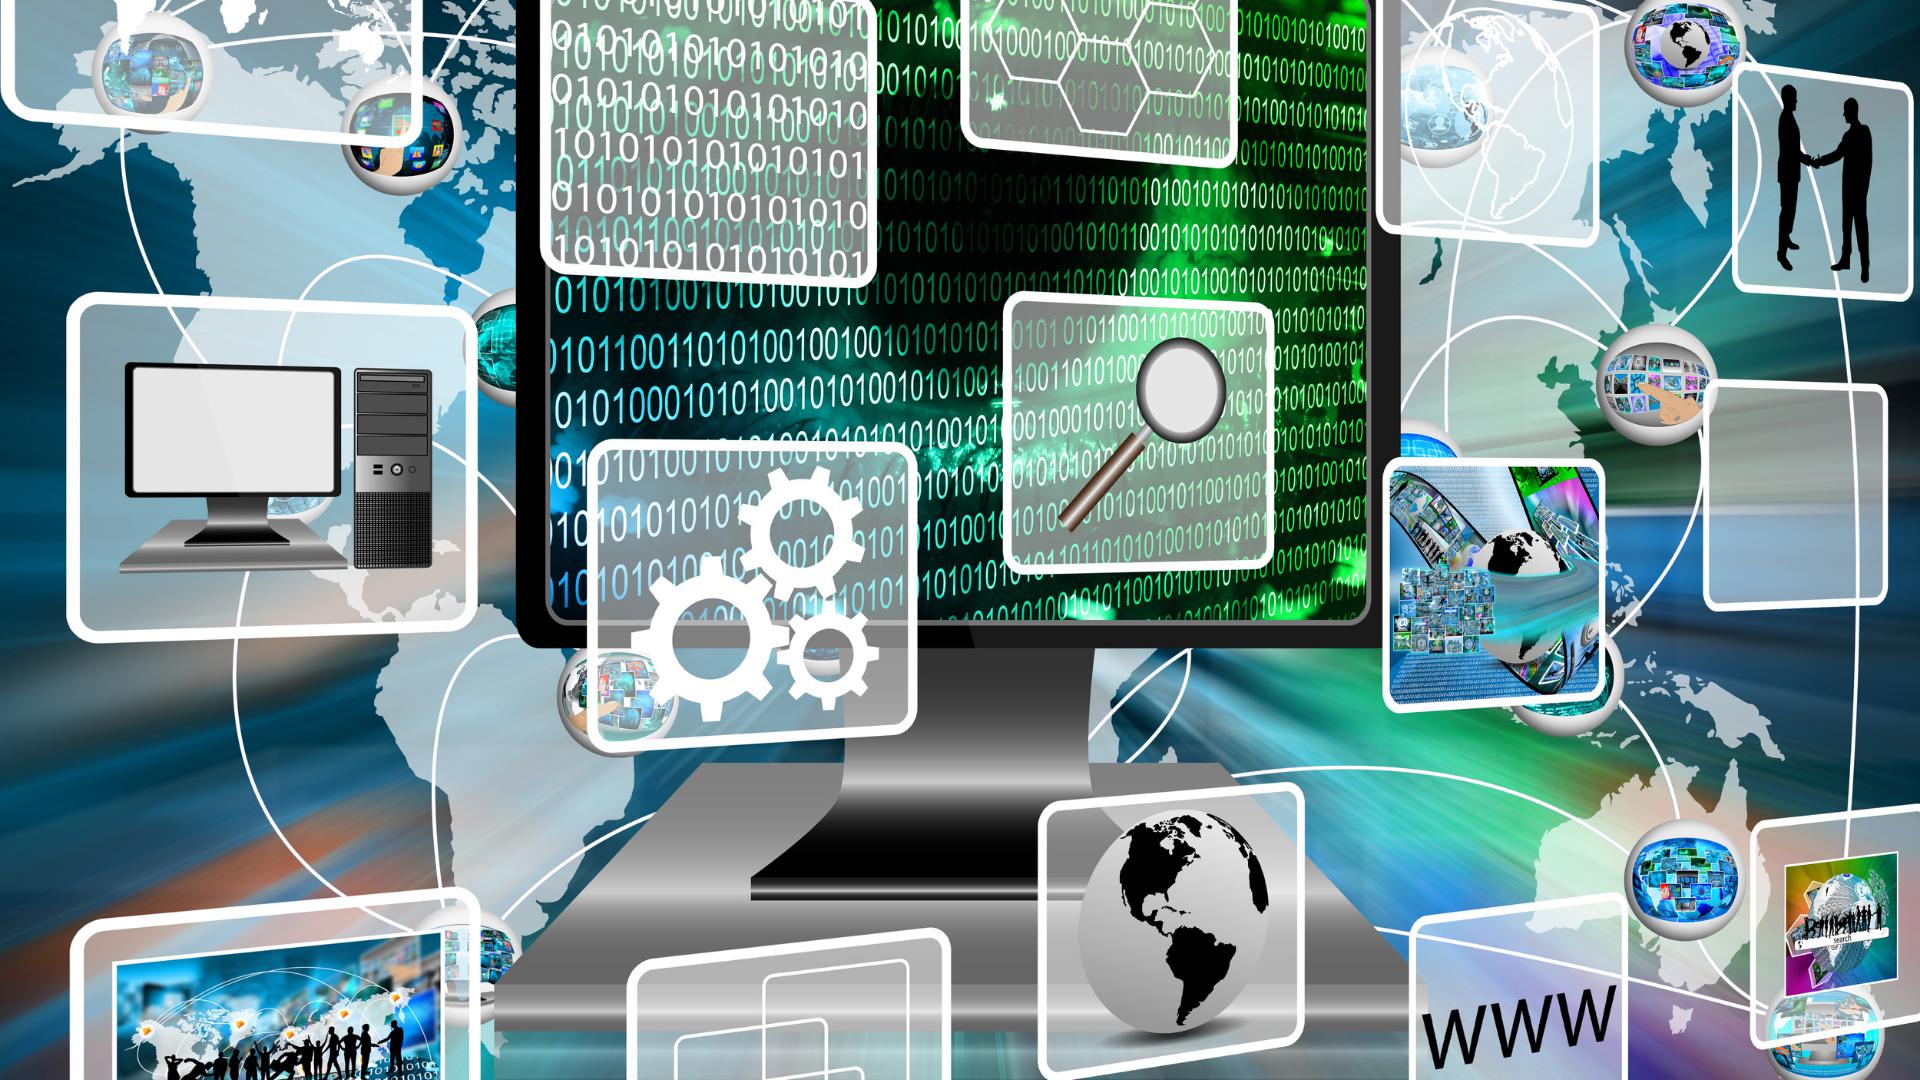 Tecnologia: Novos desafios lançados pelo laboratório NIDUS visam agilizar processos de compras públicas e de  protestos de dívidas ativas com Estado